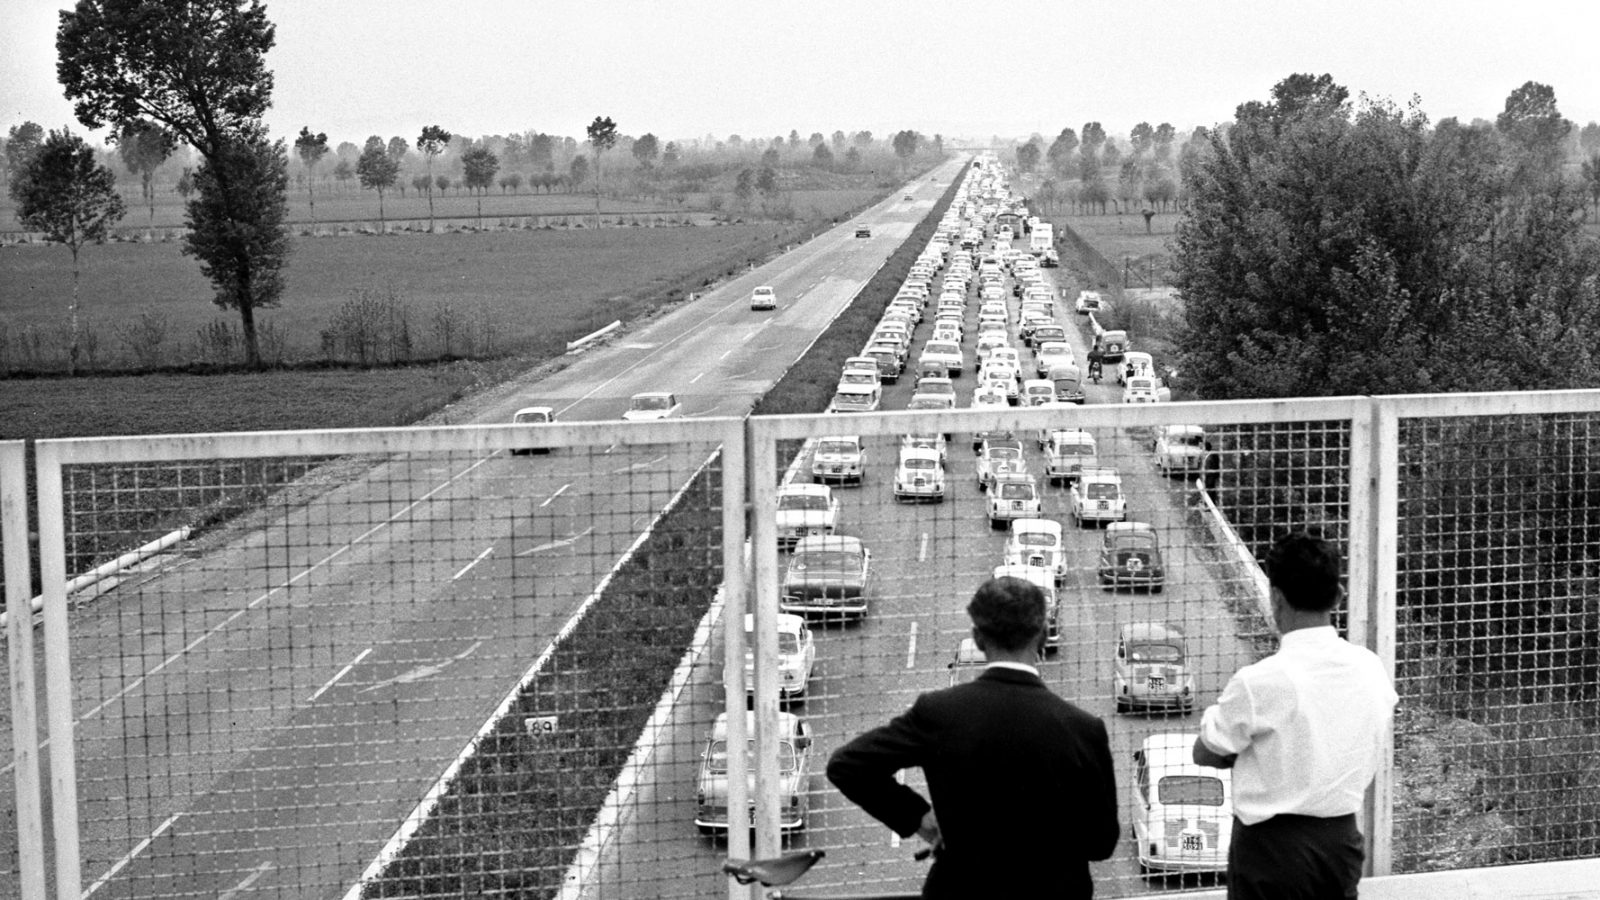 Italiani in coda sull'Autostrada Brescia-Milano nel 1964 (fonte: Ansa, La strada racconta, 2018)